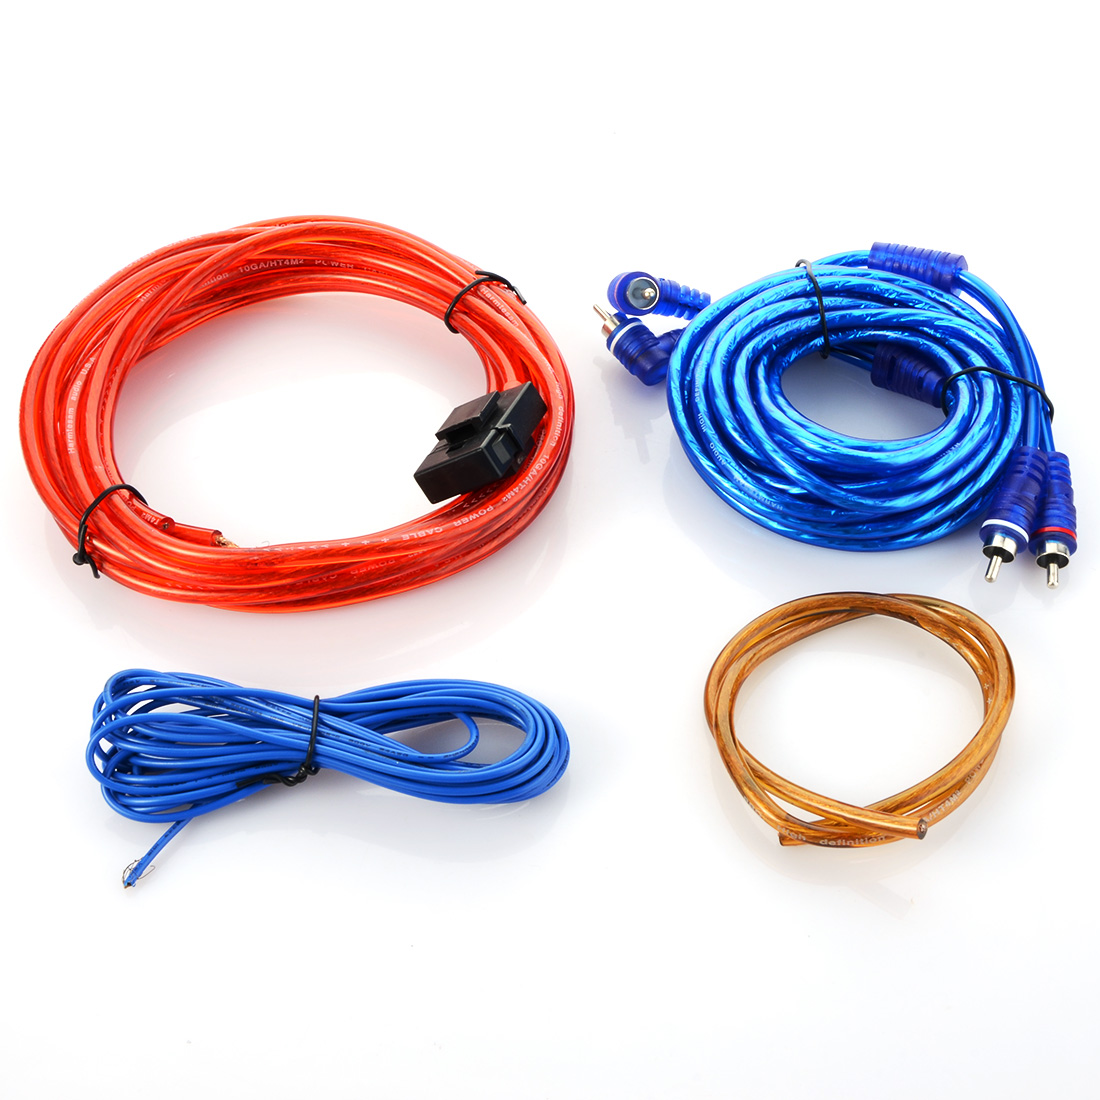 Großhandel subwoofer cable Gallery - Billig kaufen subwoofer cable ...